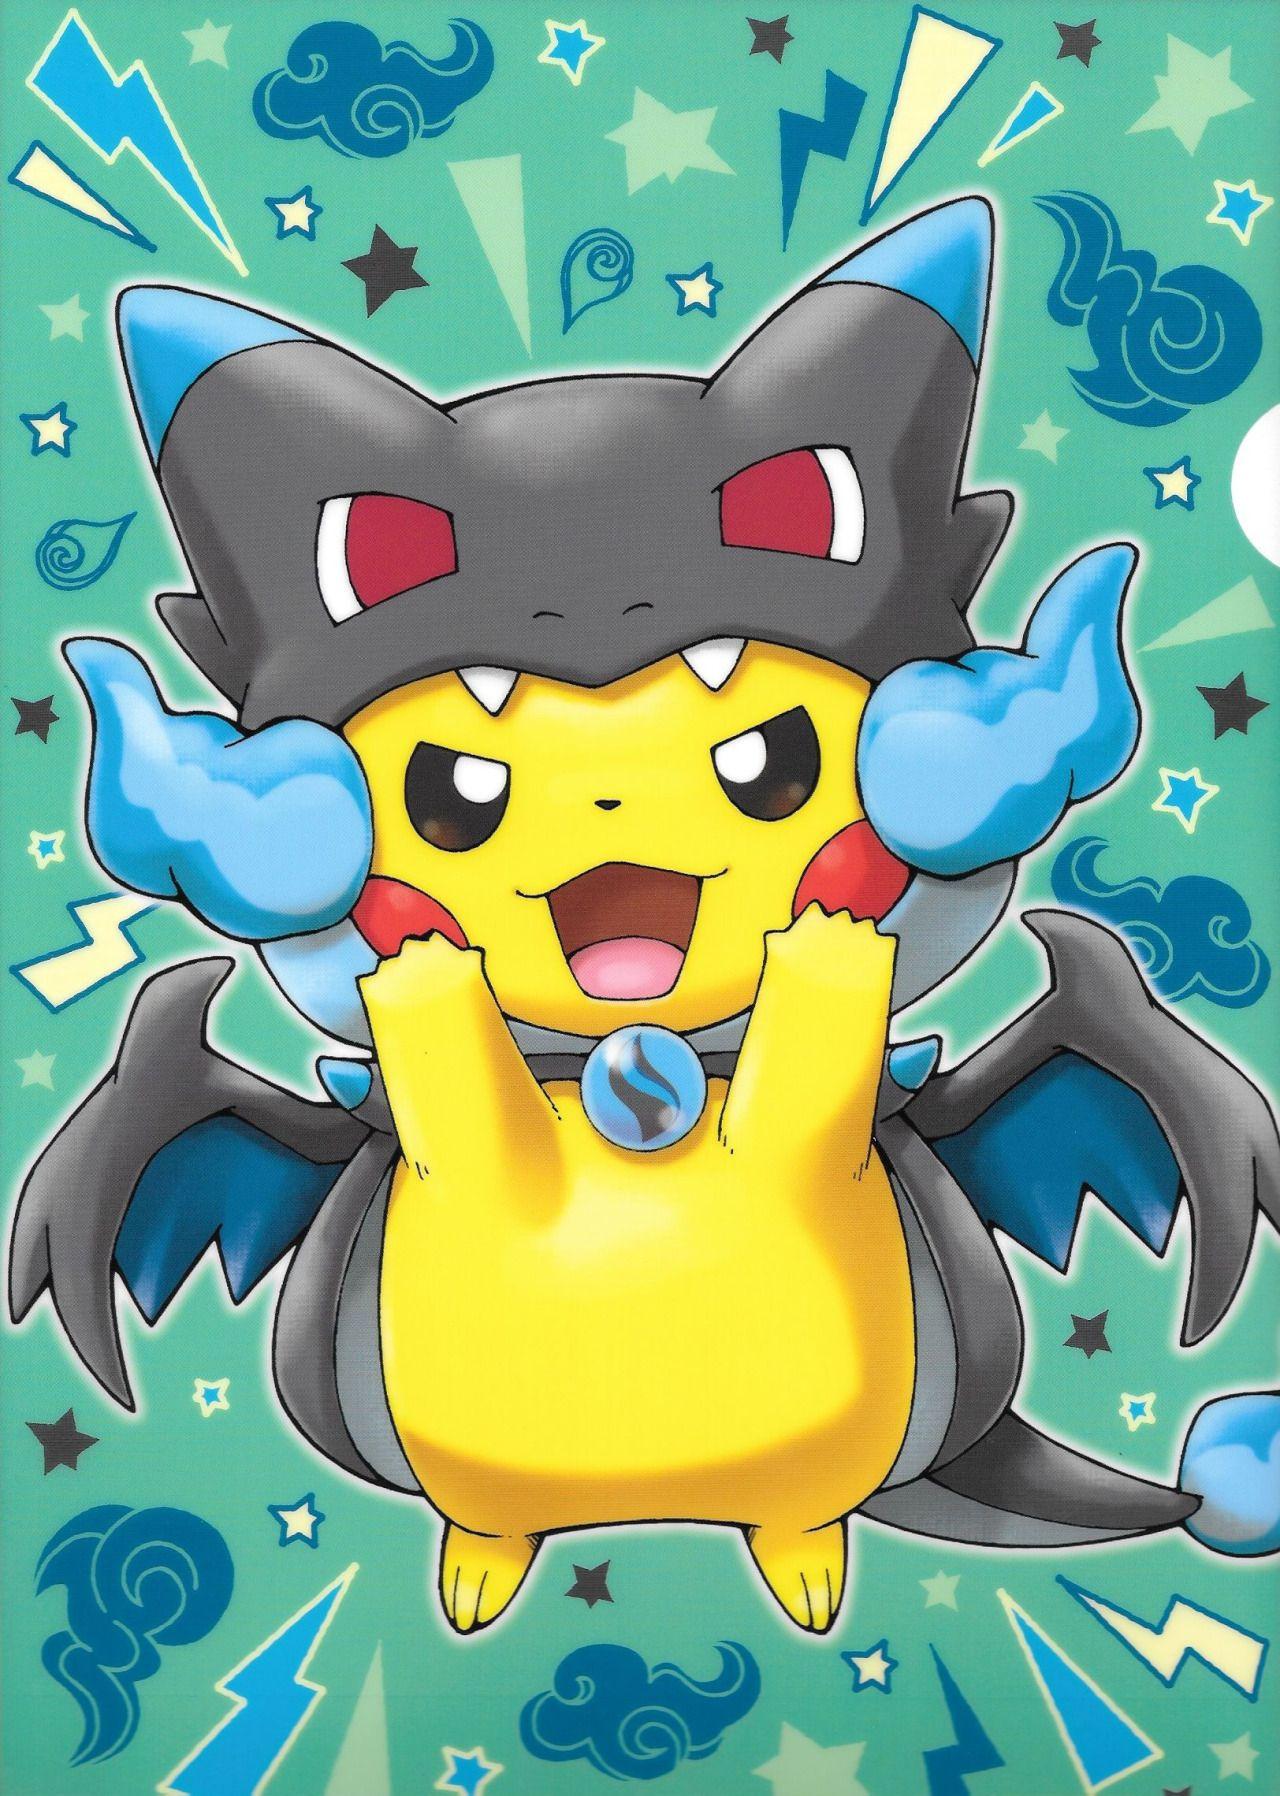 Hình nền Pikachu cho điện thoại đẹp ngầu dễ thương